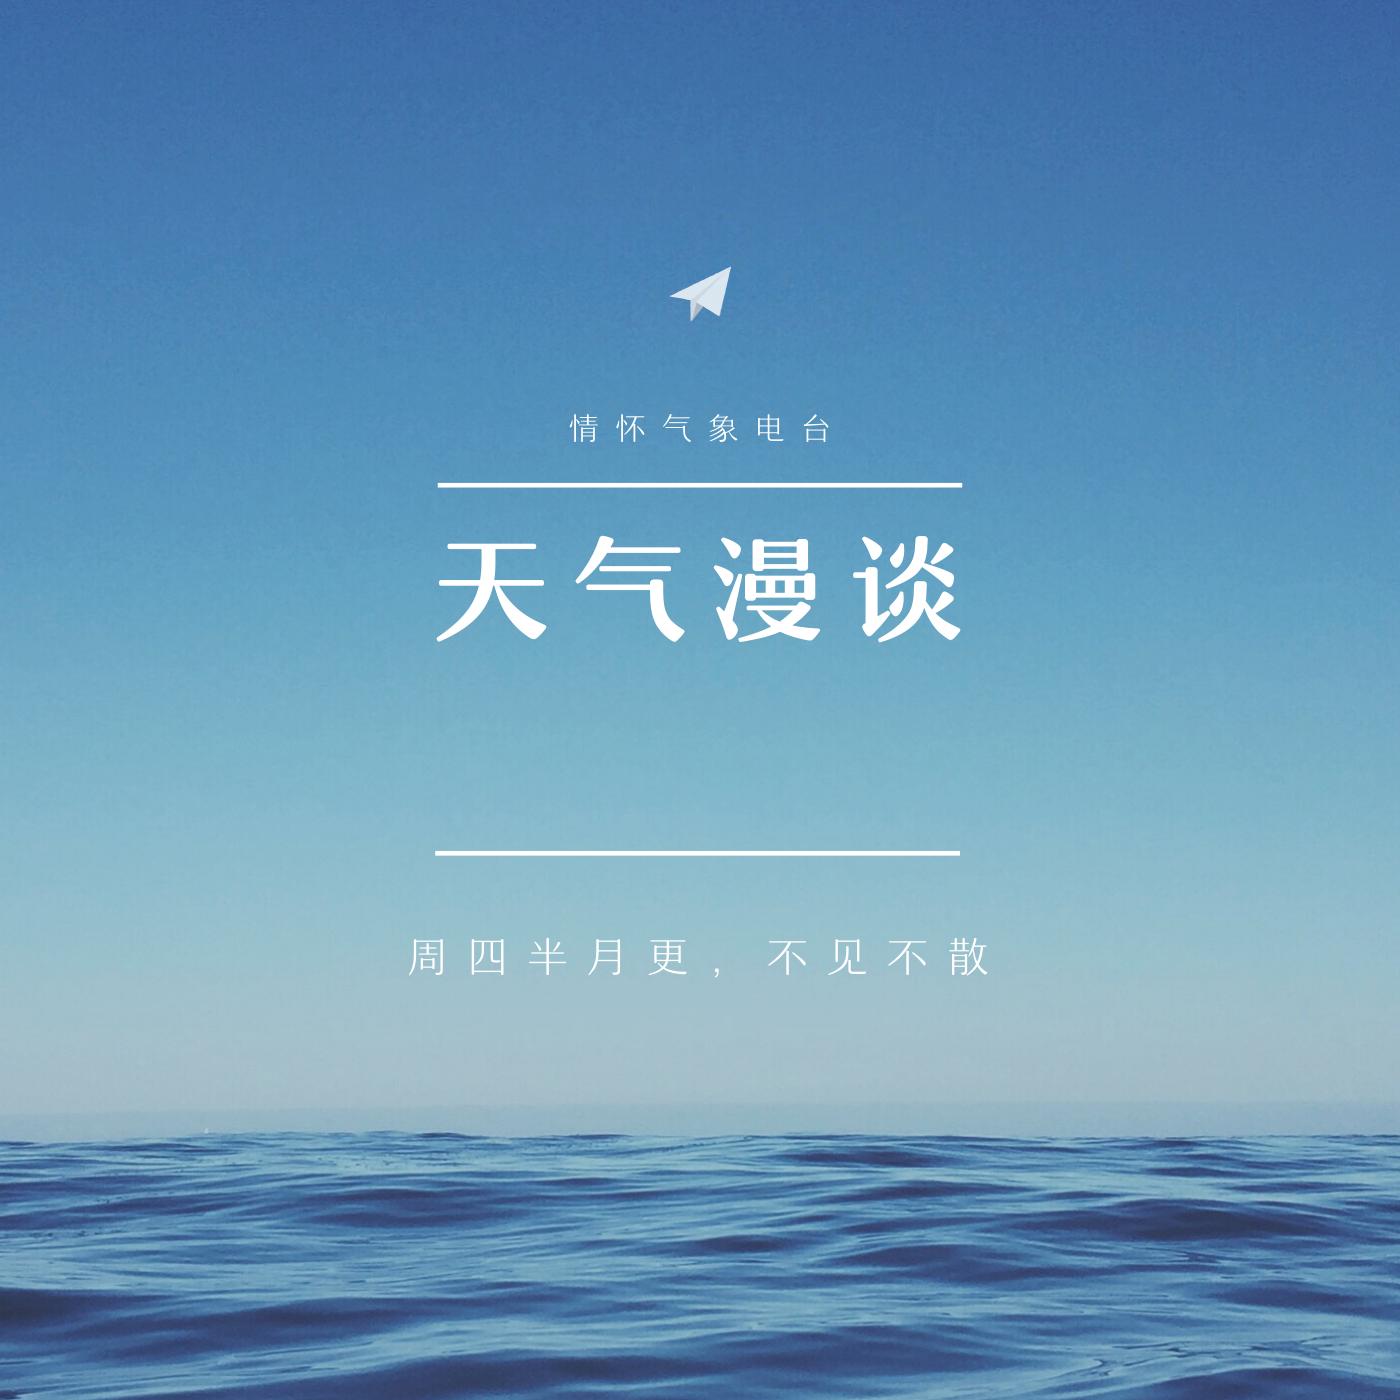 西藏气象-天气漫谈(2009专辑)